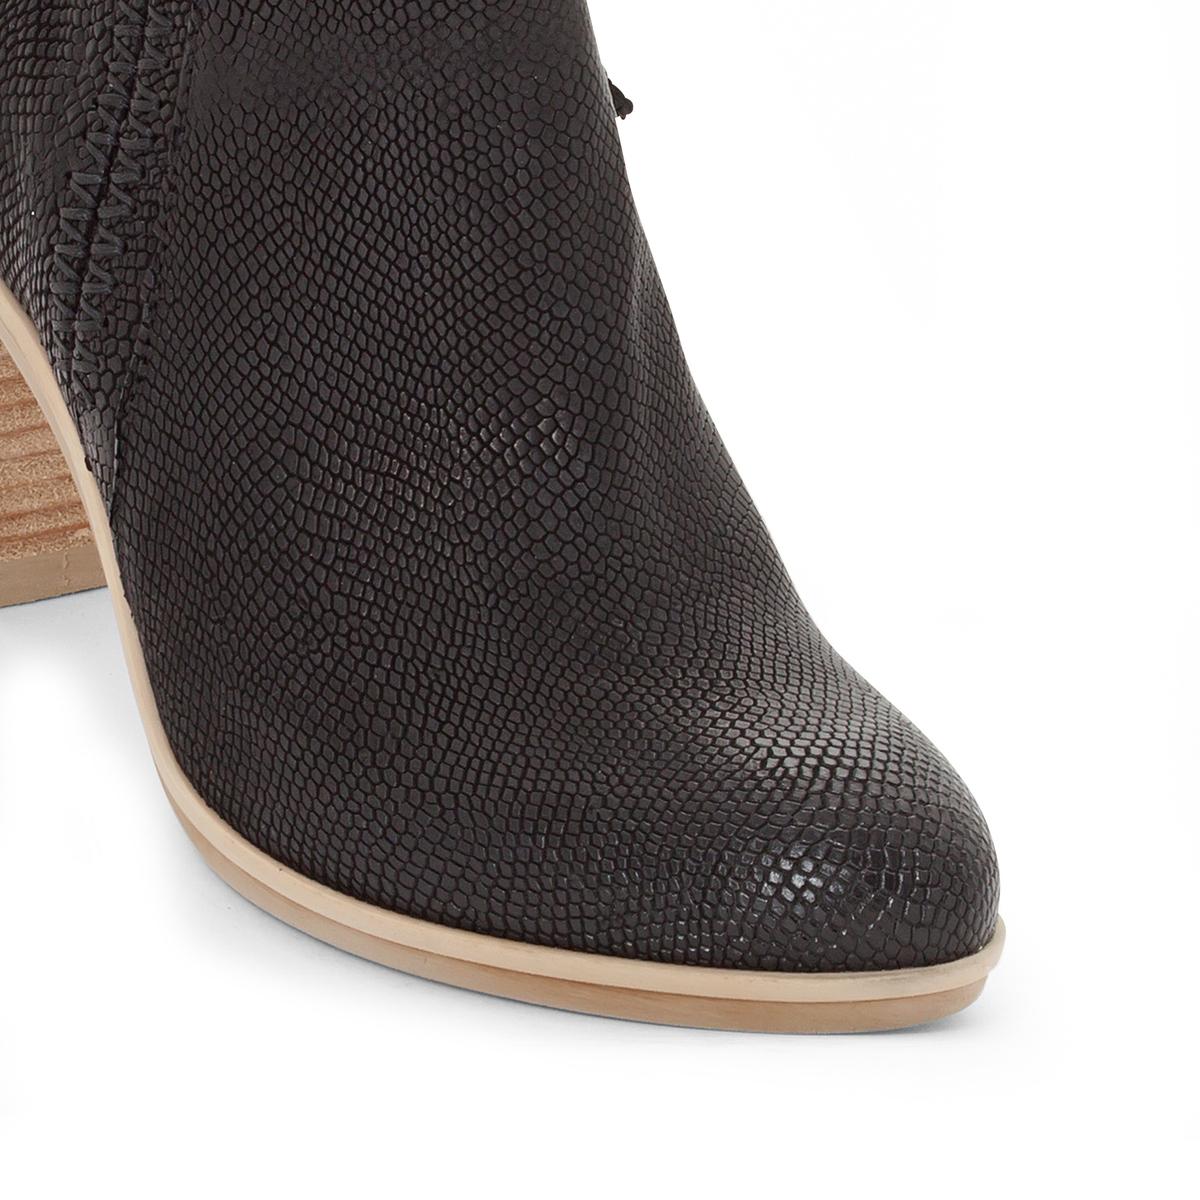 Ботильоны кожаные Melody на каблукеВерх/Голенище: кожа.  Подкладка: кожа.  Стелька: кожа.  Подошва: резина.Высота каблука: 8 см.Форма каблука: широкий каблук.Мысок: закругленный.Застежка: на молнию.<br><br>Цвет: черный<br>Размер: 36.38